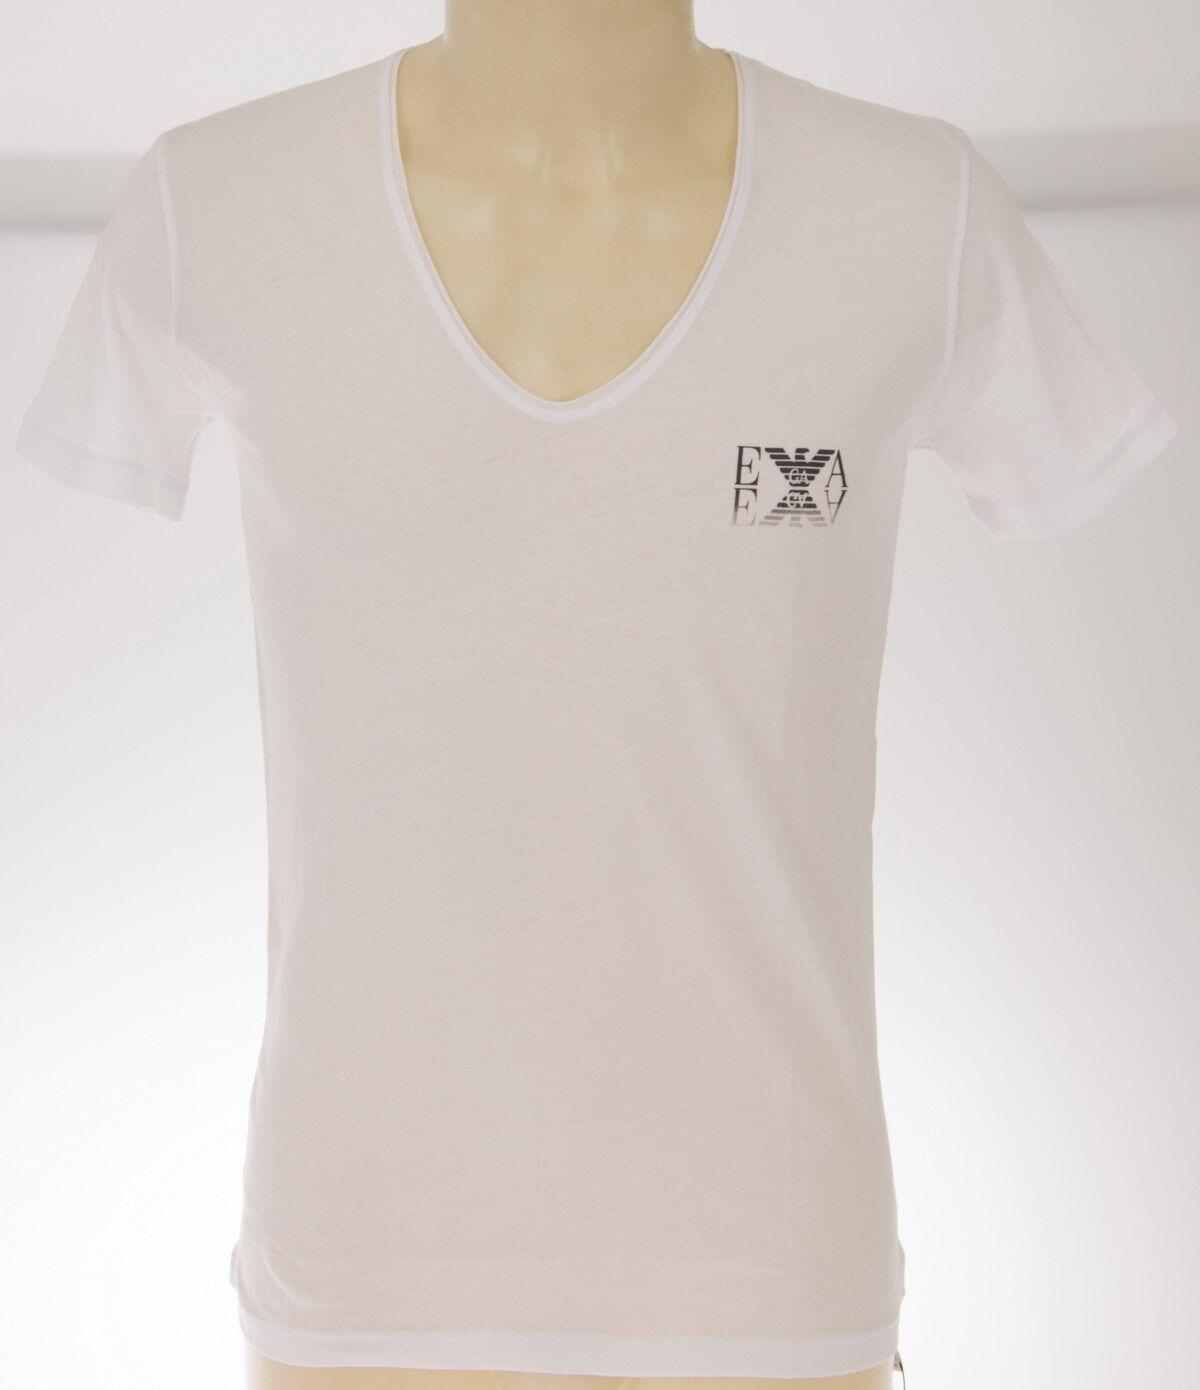 T-shirt maglietta V uomo EMPORIO ARMANI 211651 4P451 T.M c.00010 BIANCO